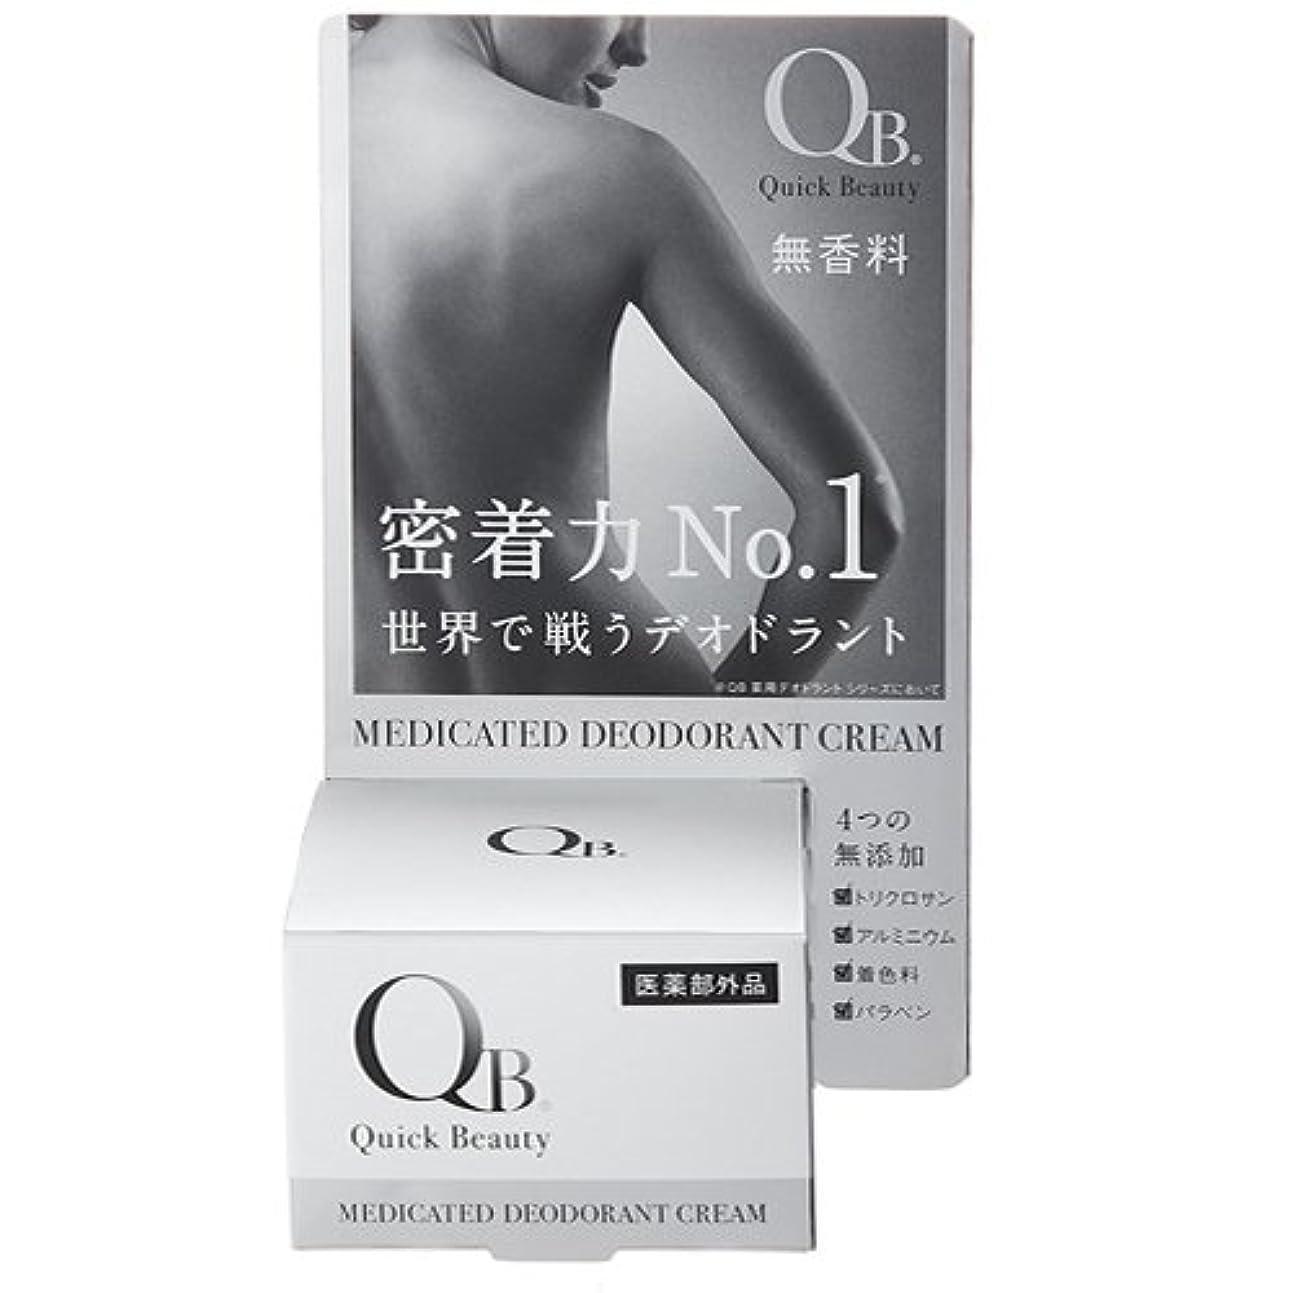 心理的ボーナス間違いなく3個セット まとめ買い QB 薬用デオドラントクリーム W 30g 医薬部外品